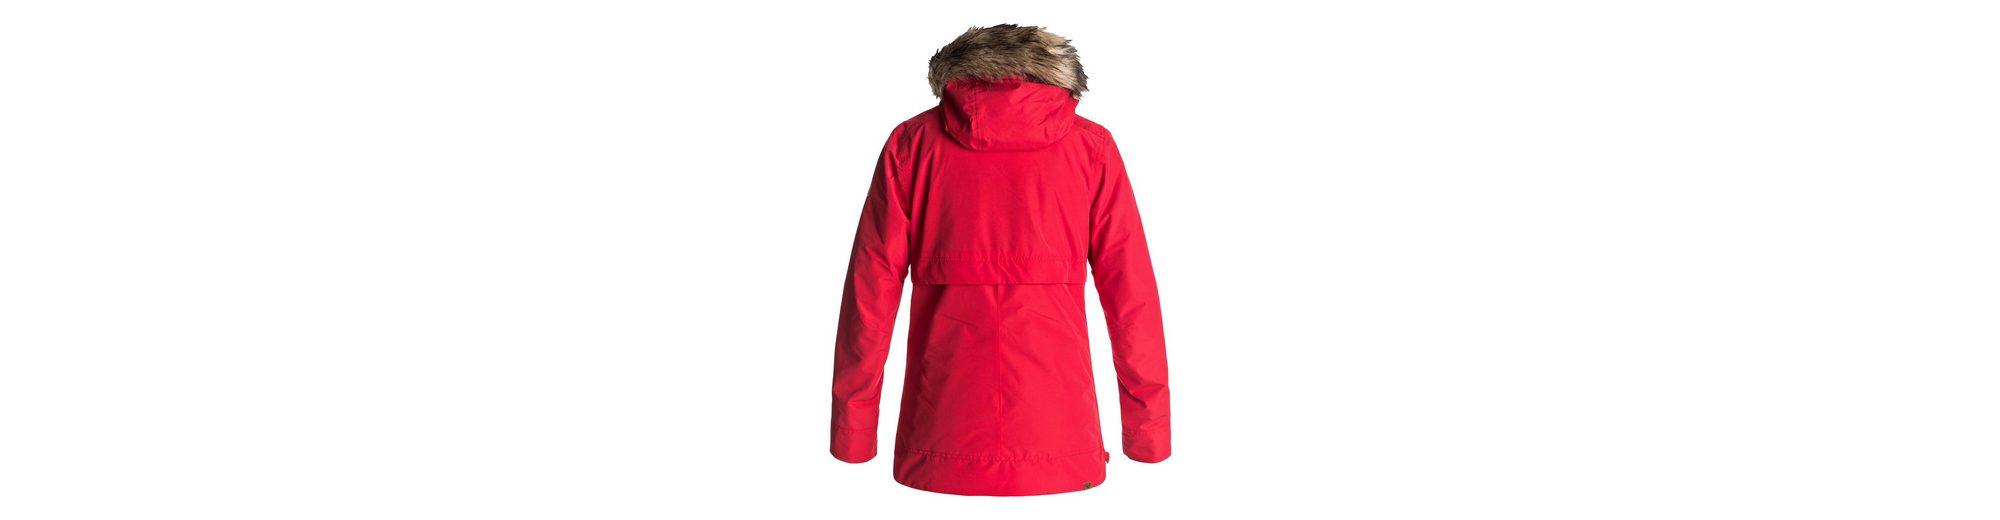 Roxy Snow Jacke Shelter Rabatt Bilder Für Schön Wie Viel Günstig Online Günstig Kaufen Offiziellen Billig Mit Kreditkarte JPtUS